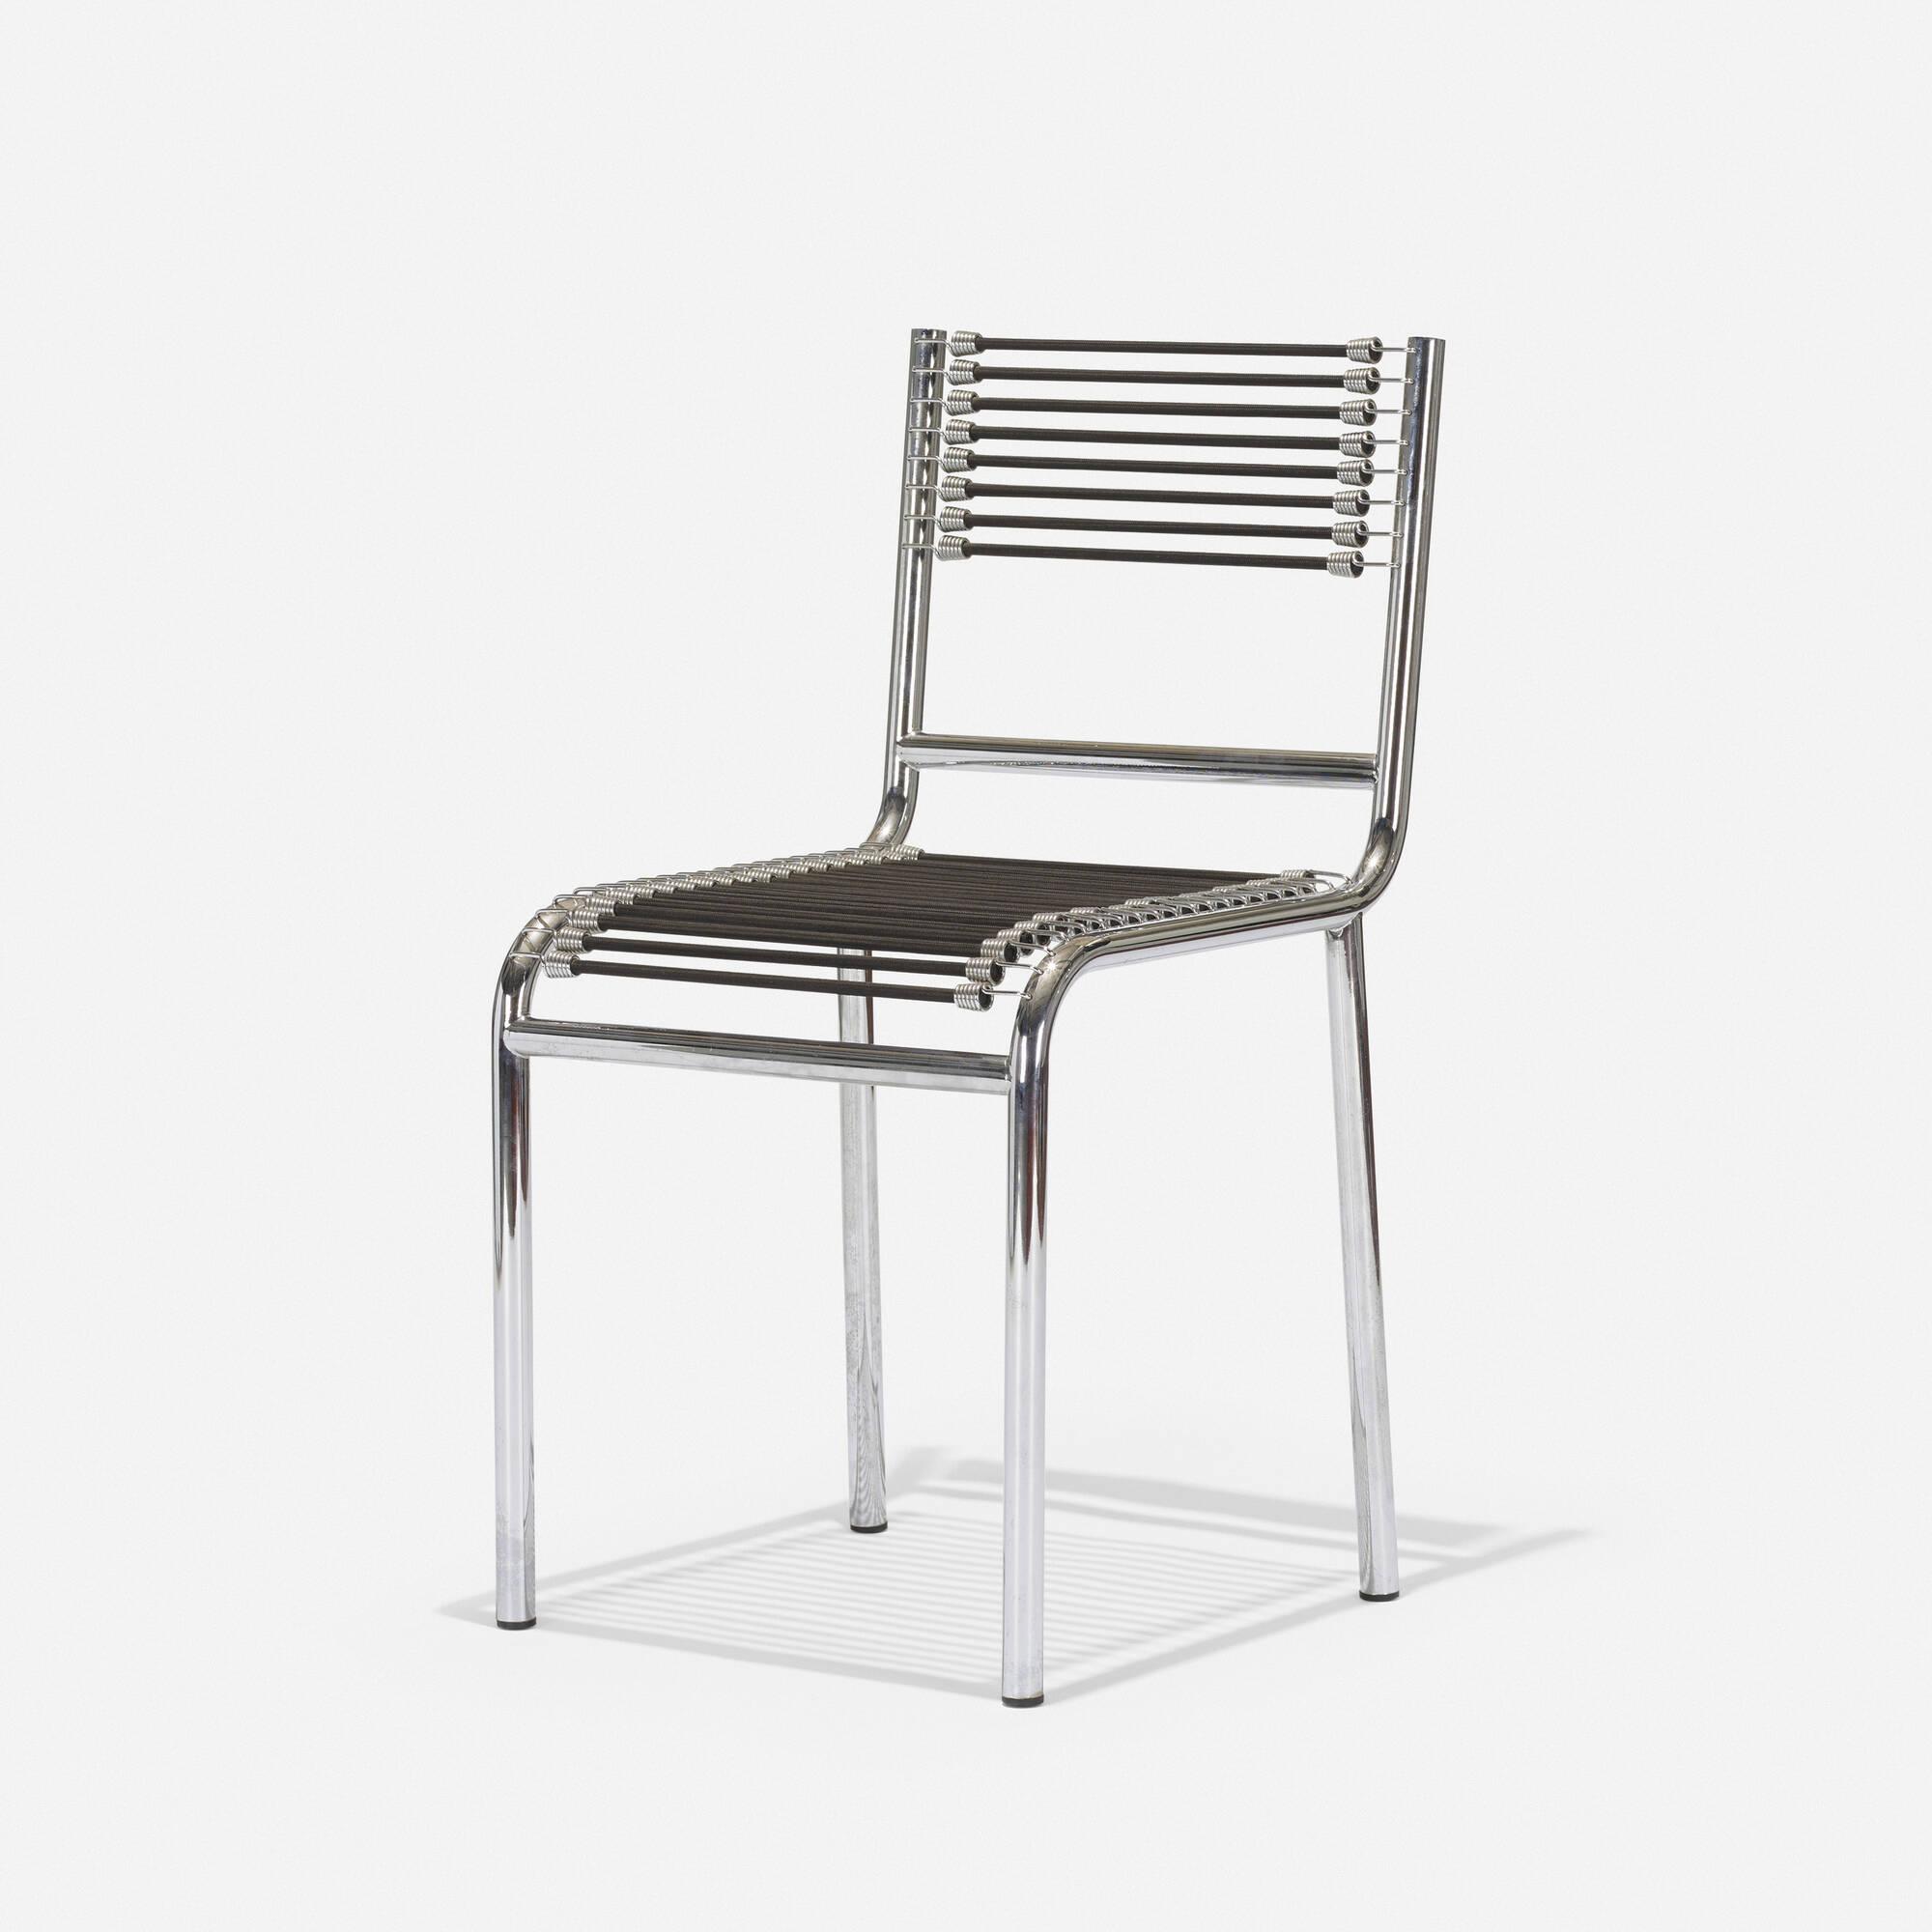 220: René Herbst / Sandows chair (1 of 4)